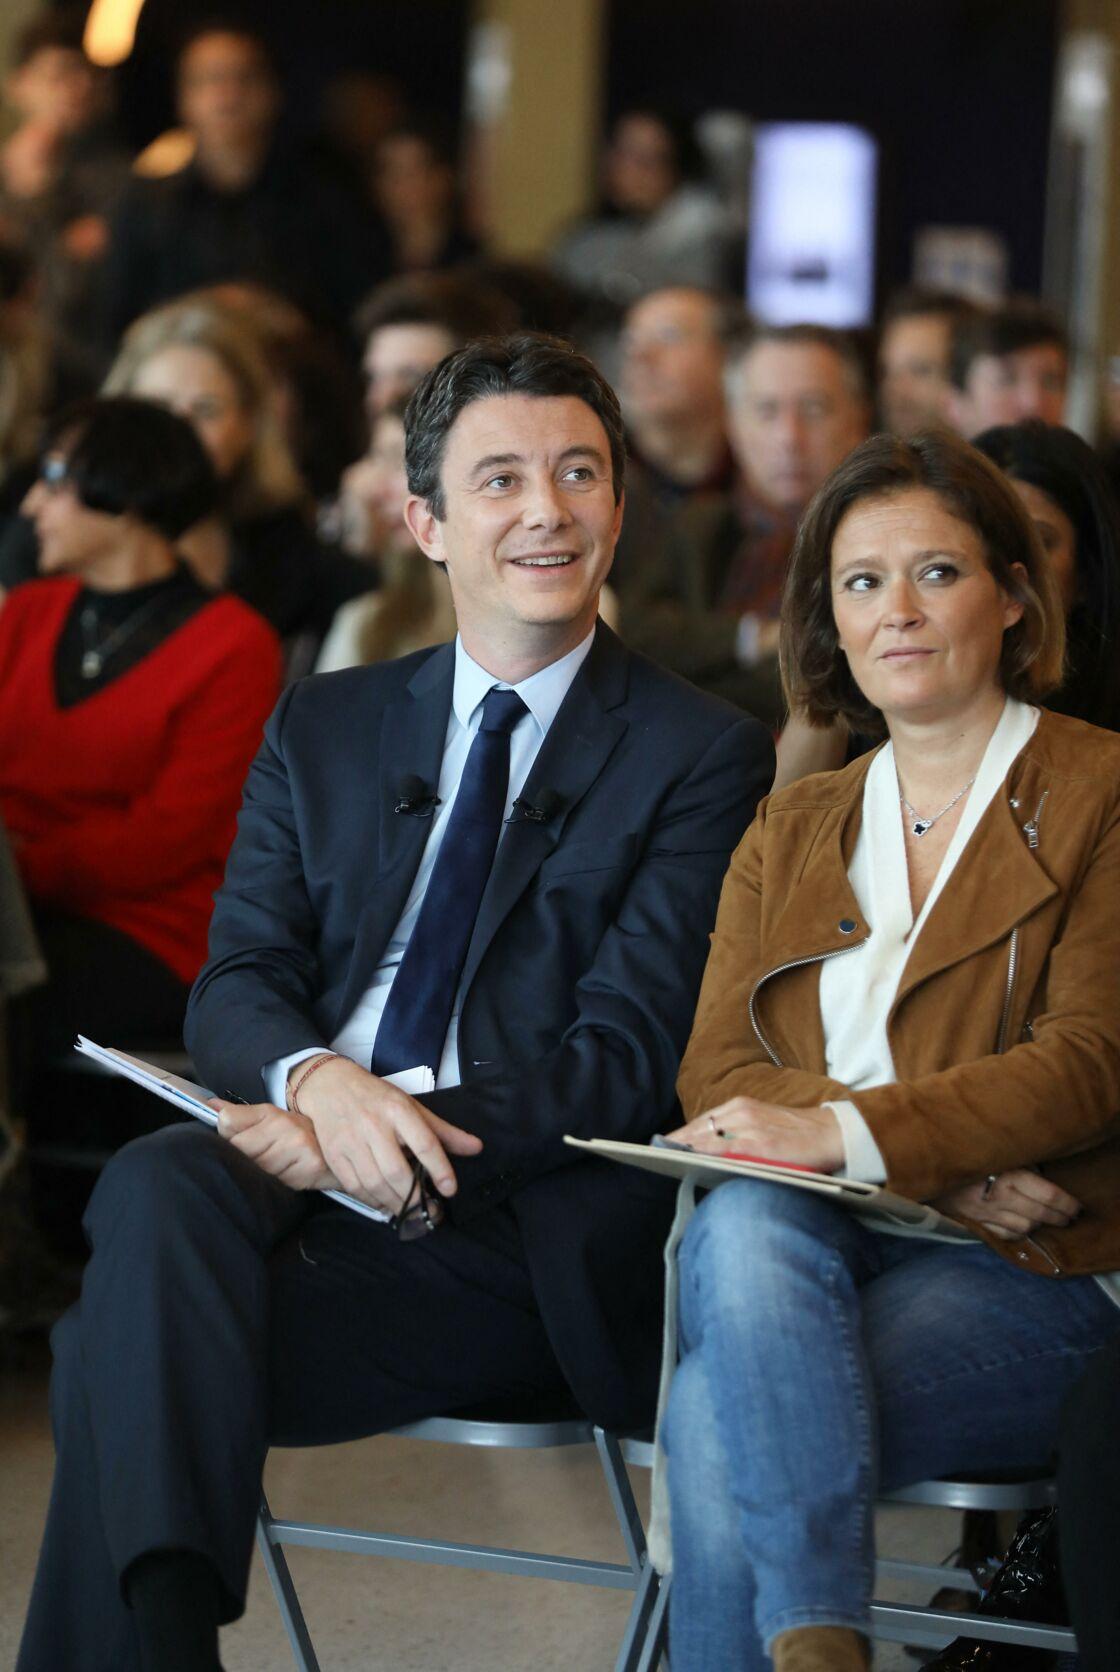 Benjamin Griveaux et Olivia Grégoire à Paris le 13 février 2020, la veille de son retrait des Municipales.